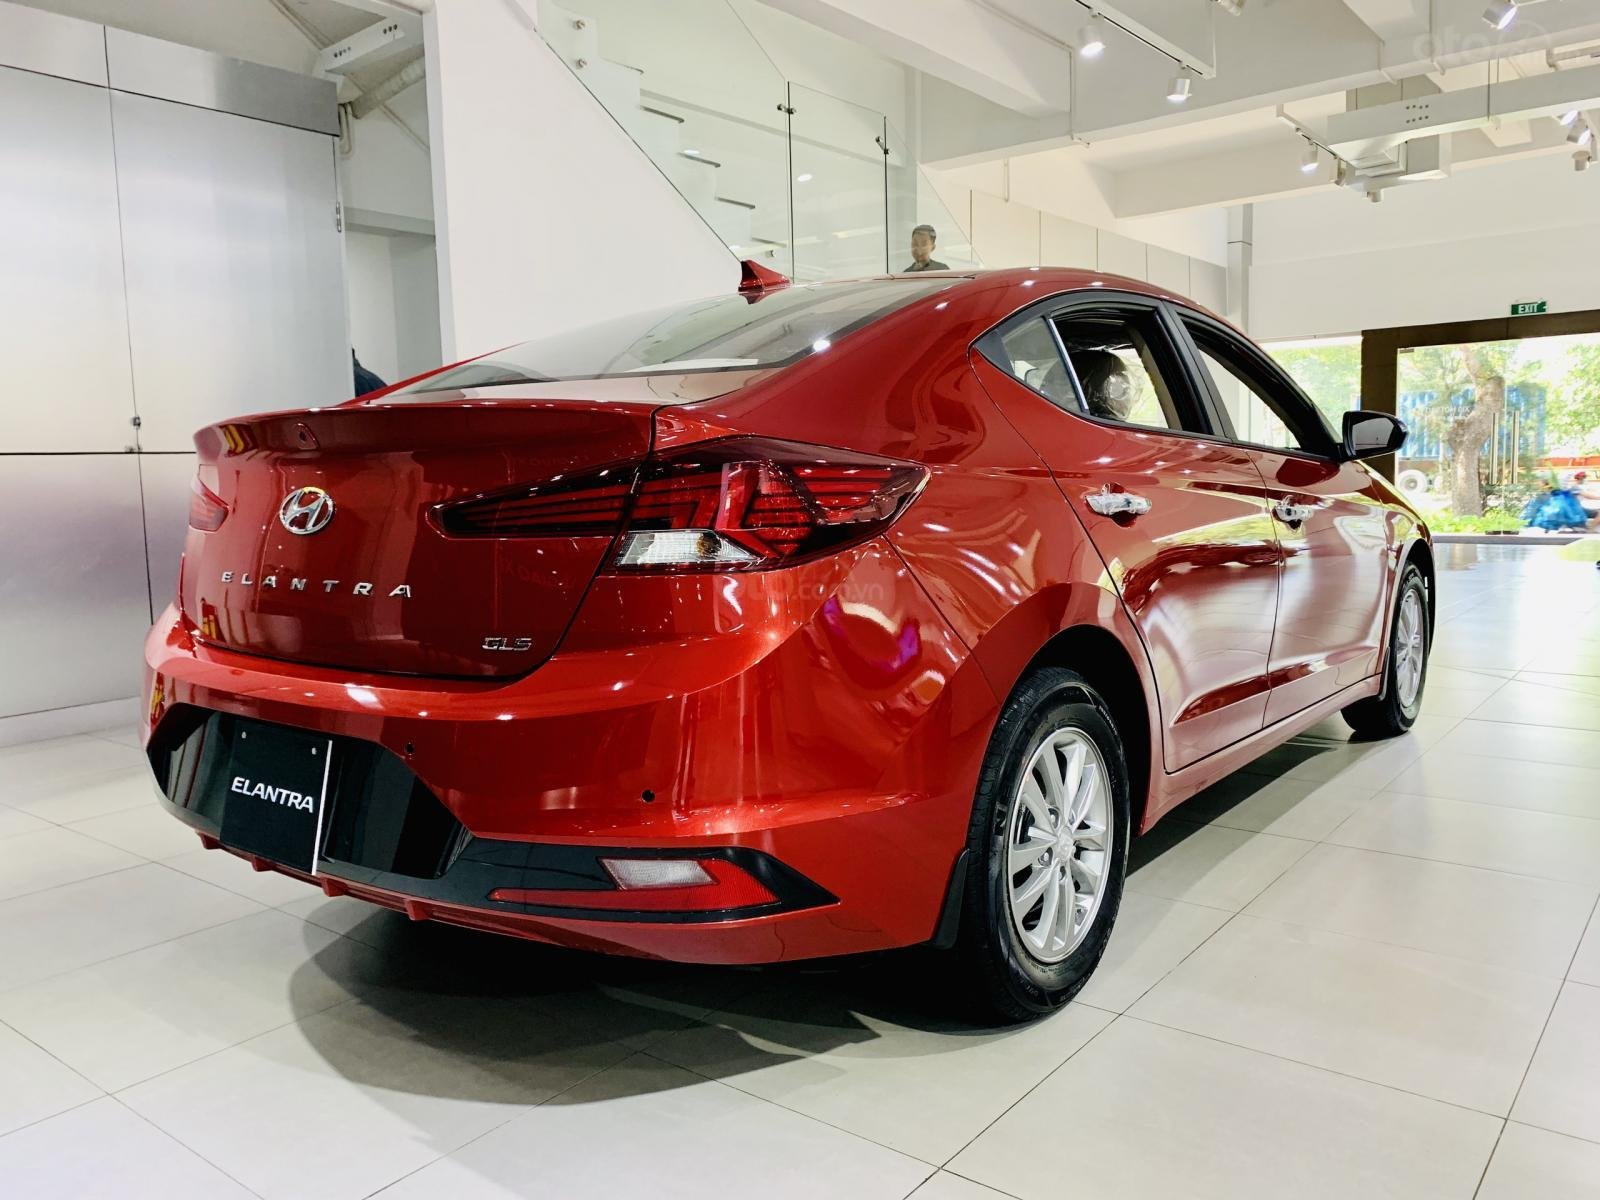 Hyundai Elantra giá bán cạnh tranh, khuyến mãi quà tặng phụ kiện giá trị thật, xe sẵn giao ngay (1)